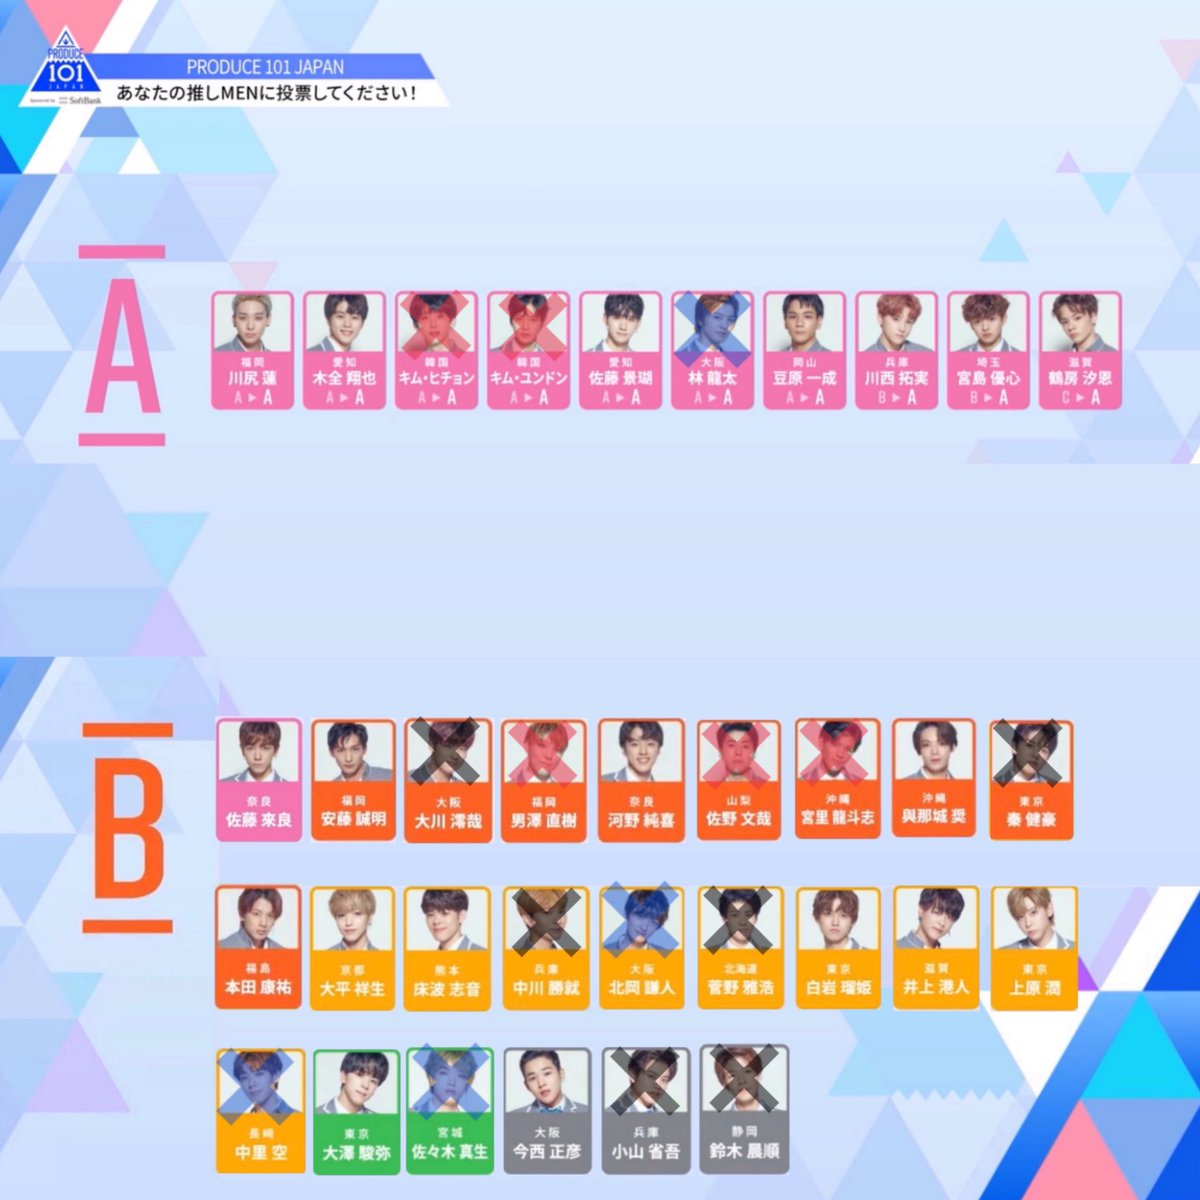 第3回 順位発表式A  7人B 12人C  0人D  0人F  1人(辞退復活込み)#PRODUCE101JAPAN #日プ